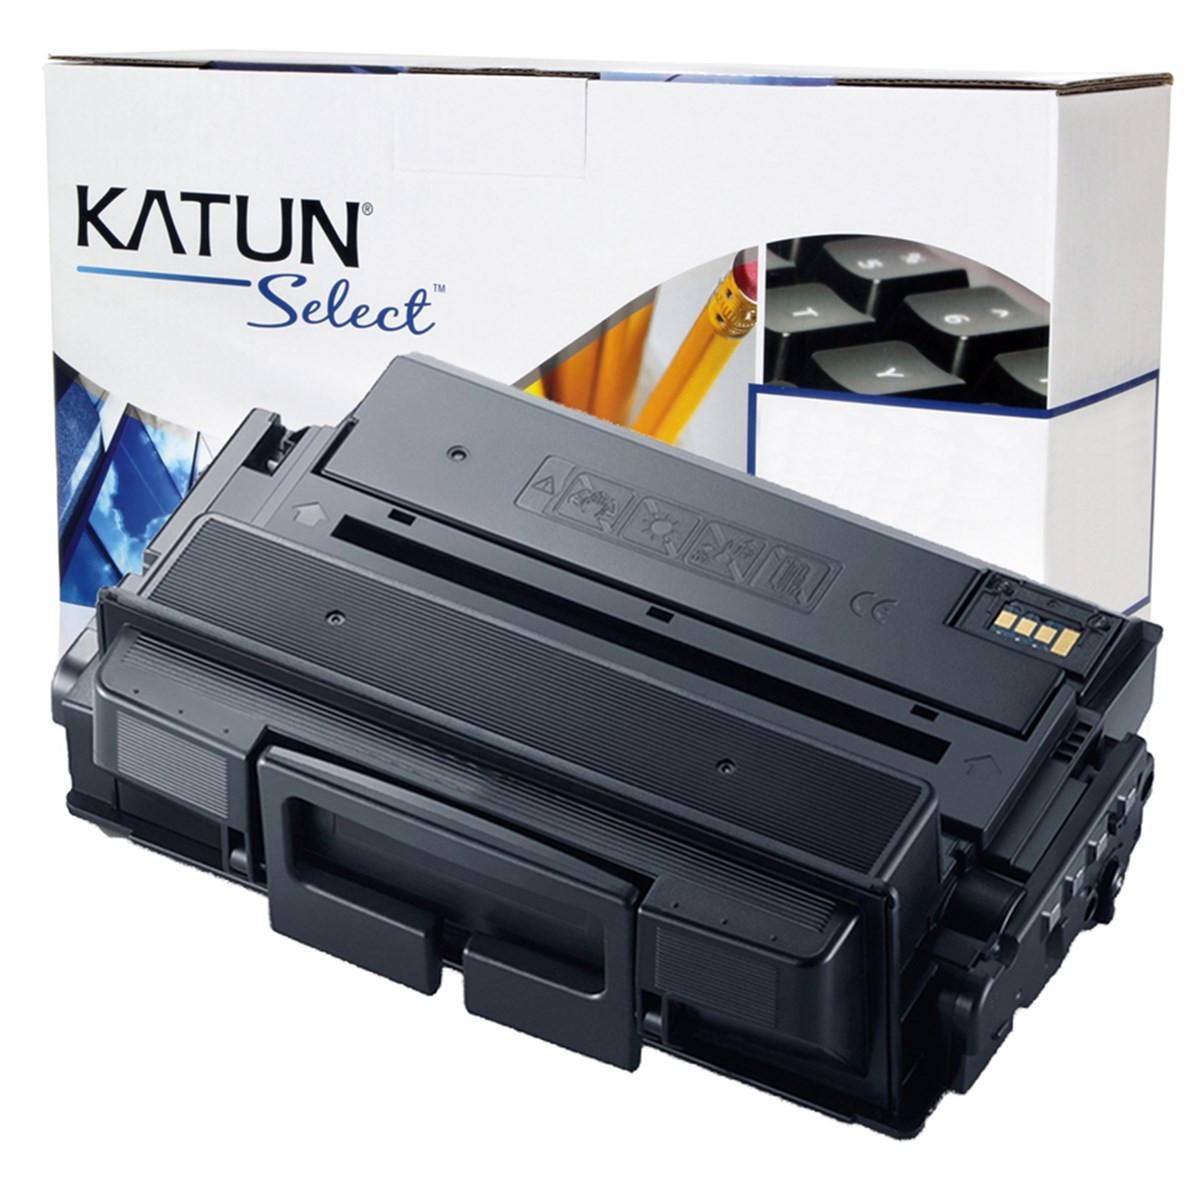 Toner Samsung MLT-D203U D203 203U   M4070FR M4020ND M4070FR SL-M4070FR SL-M4020ND   Katun Access 15k